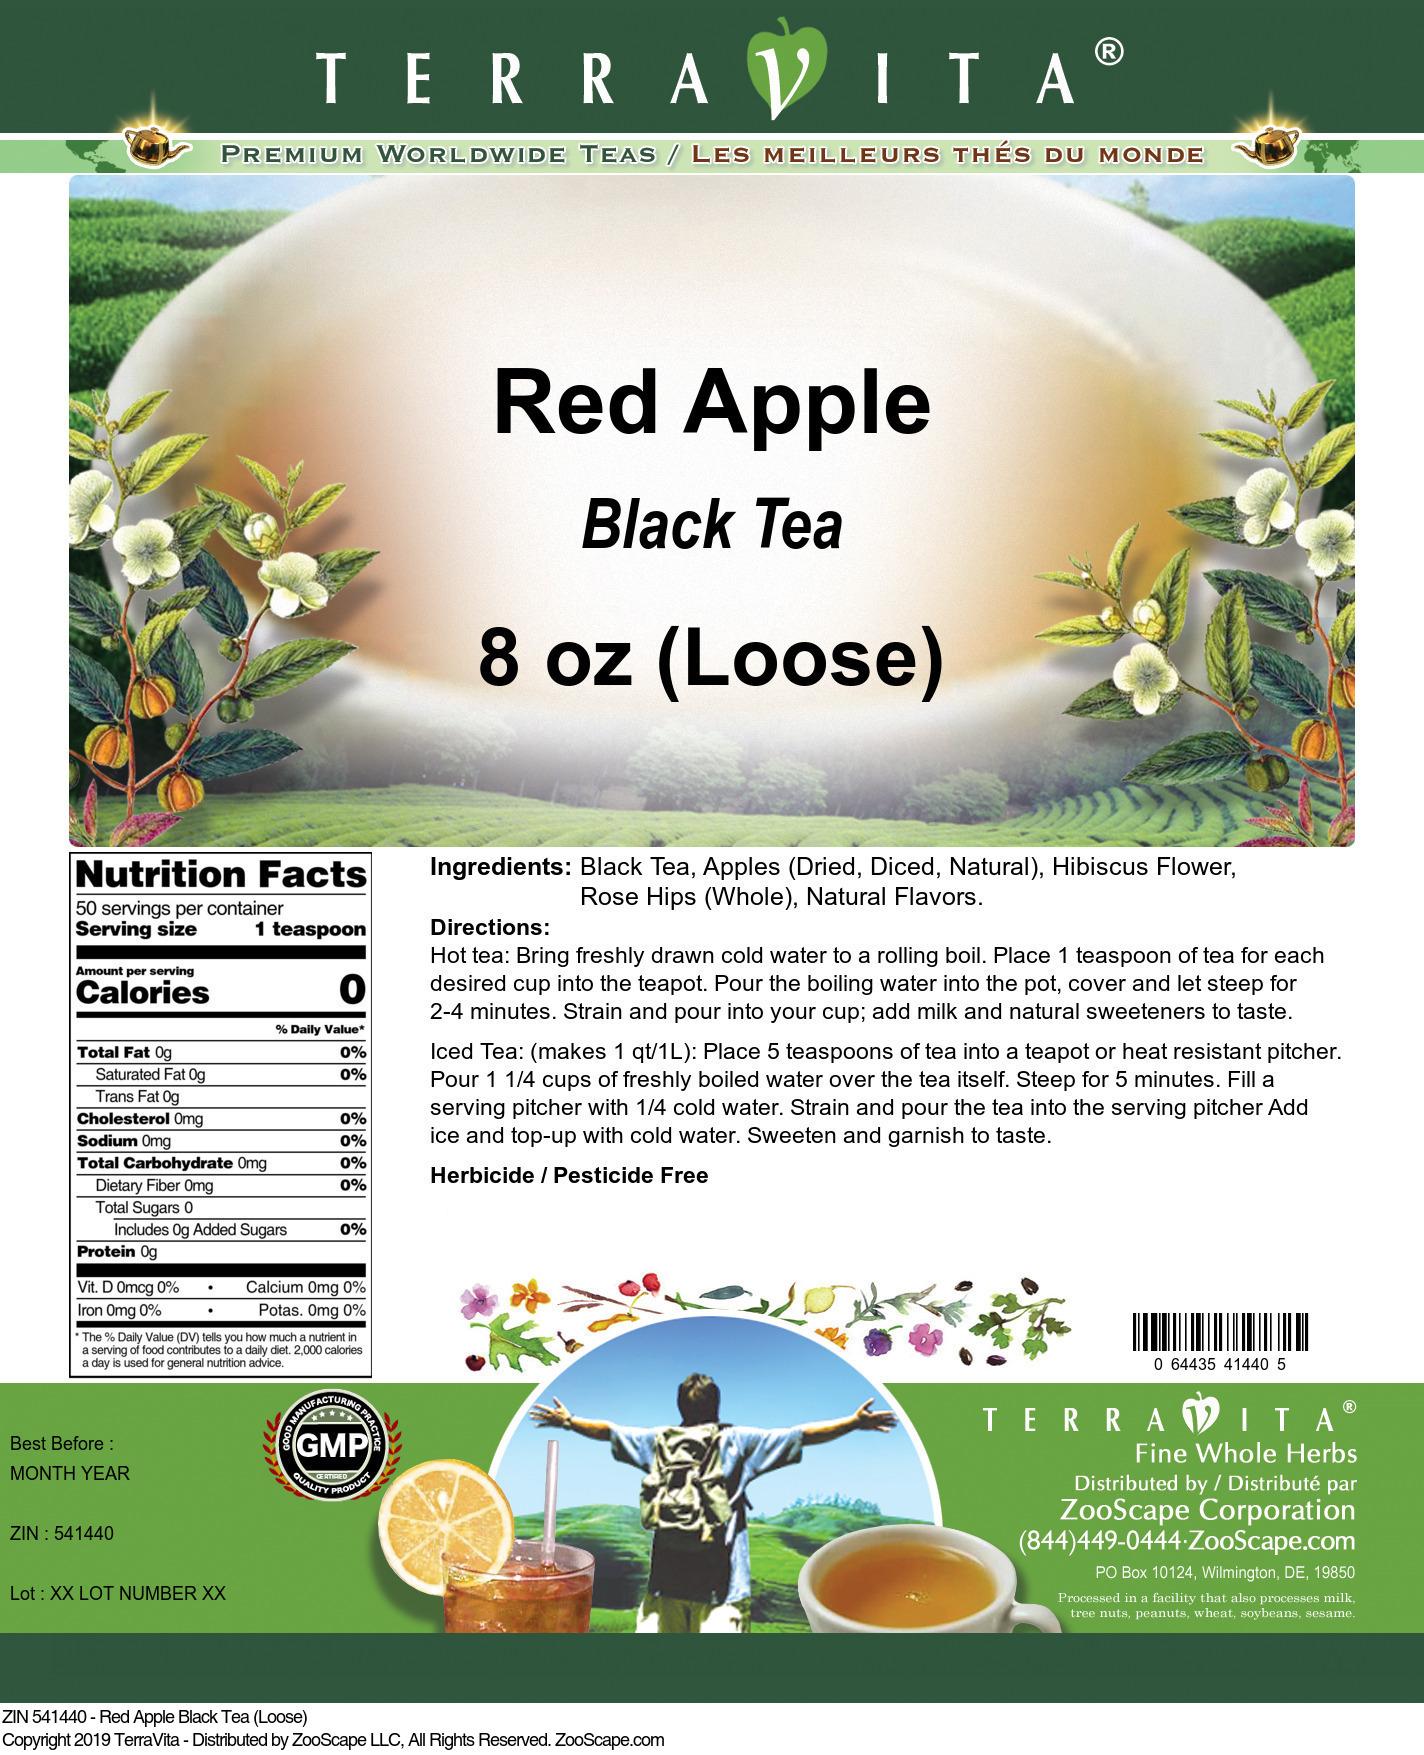 Red Apple Black Tea (Loose)